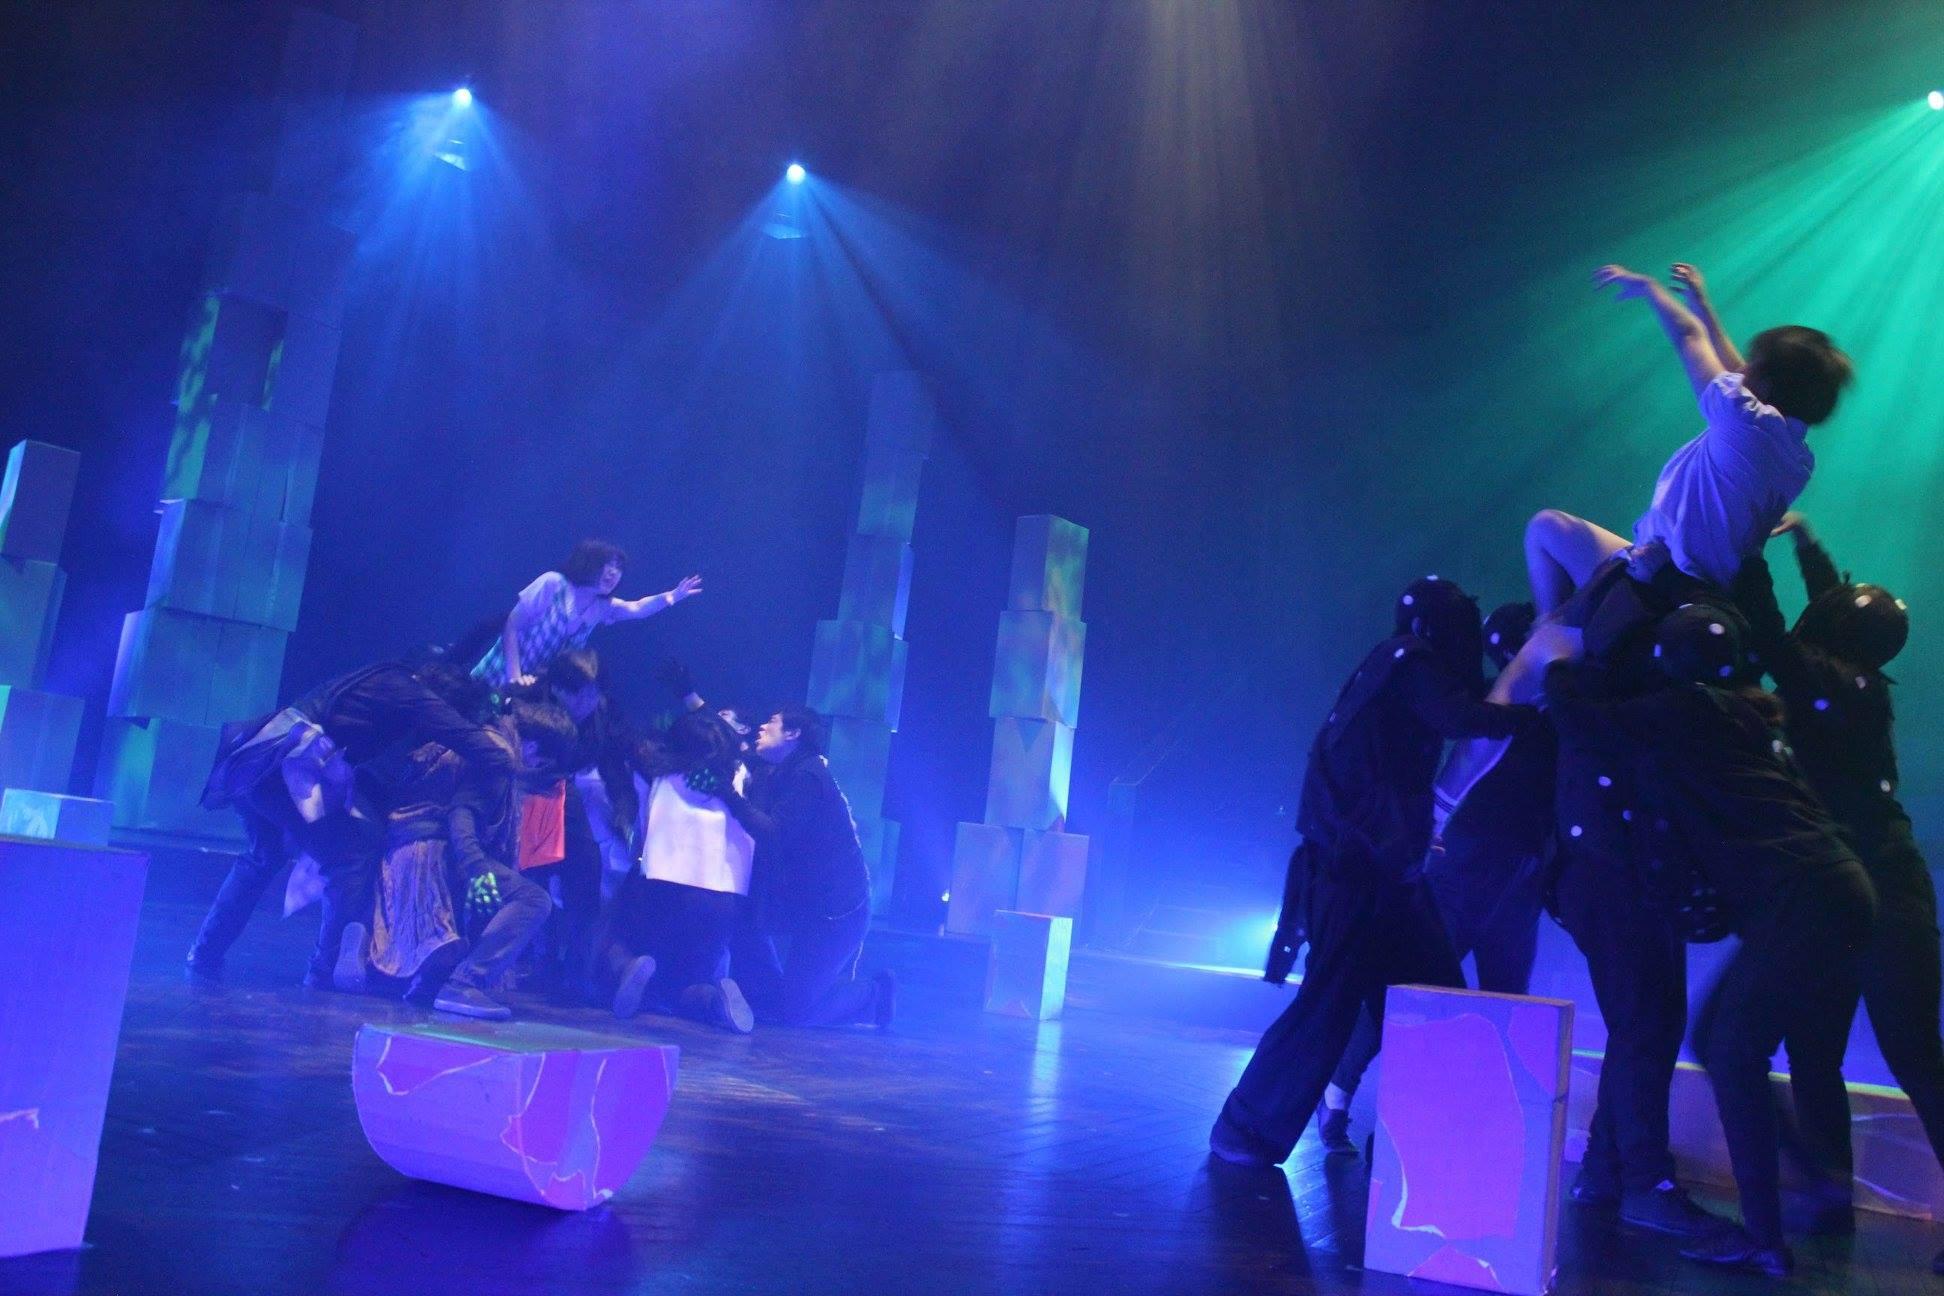 2018年10月 オレンヂスタ第八回公演『ドミノノノノノノノハラノ』02